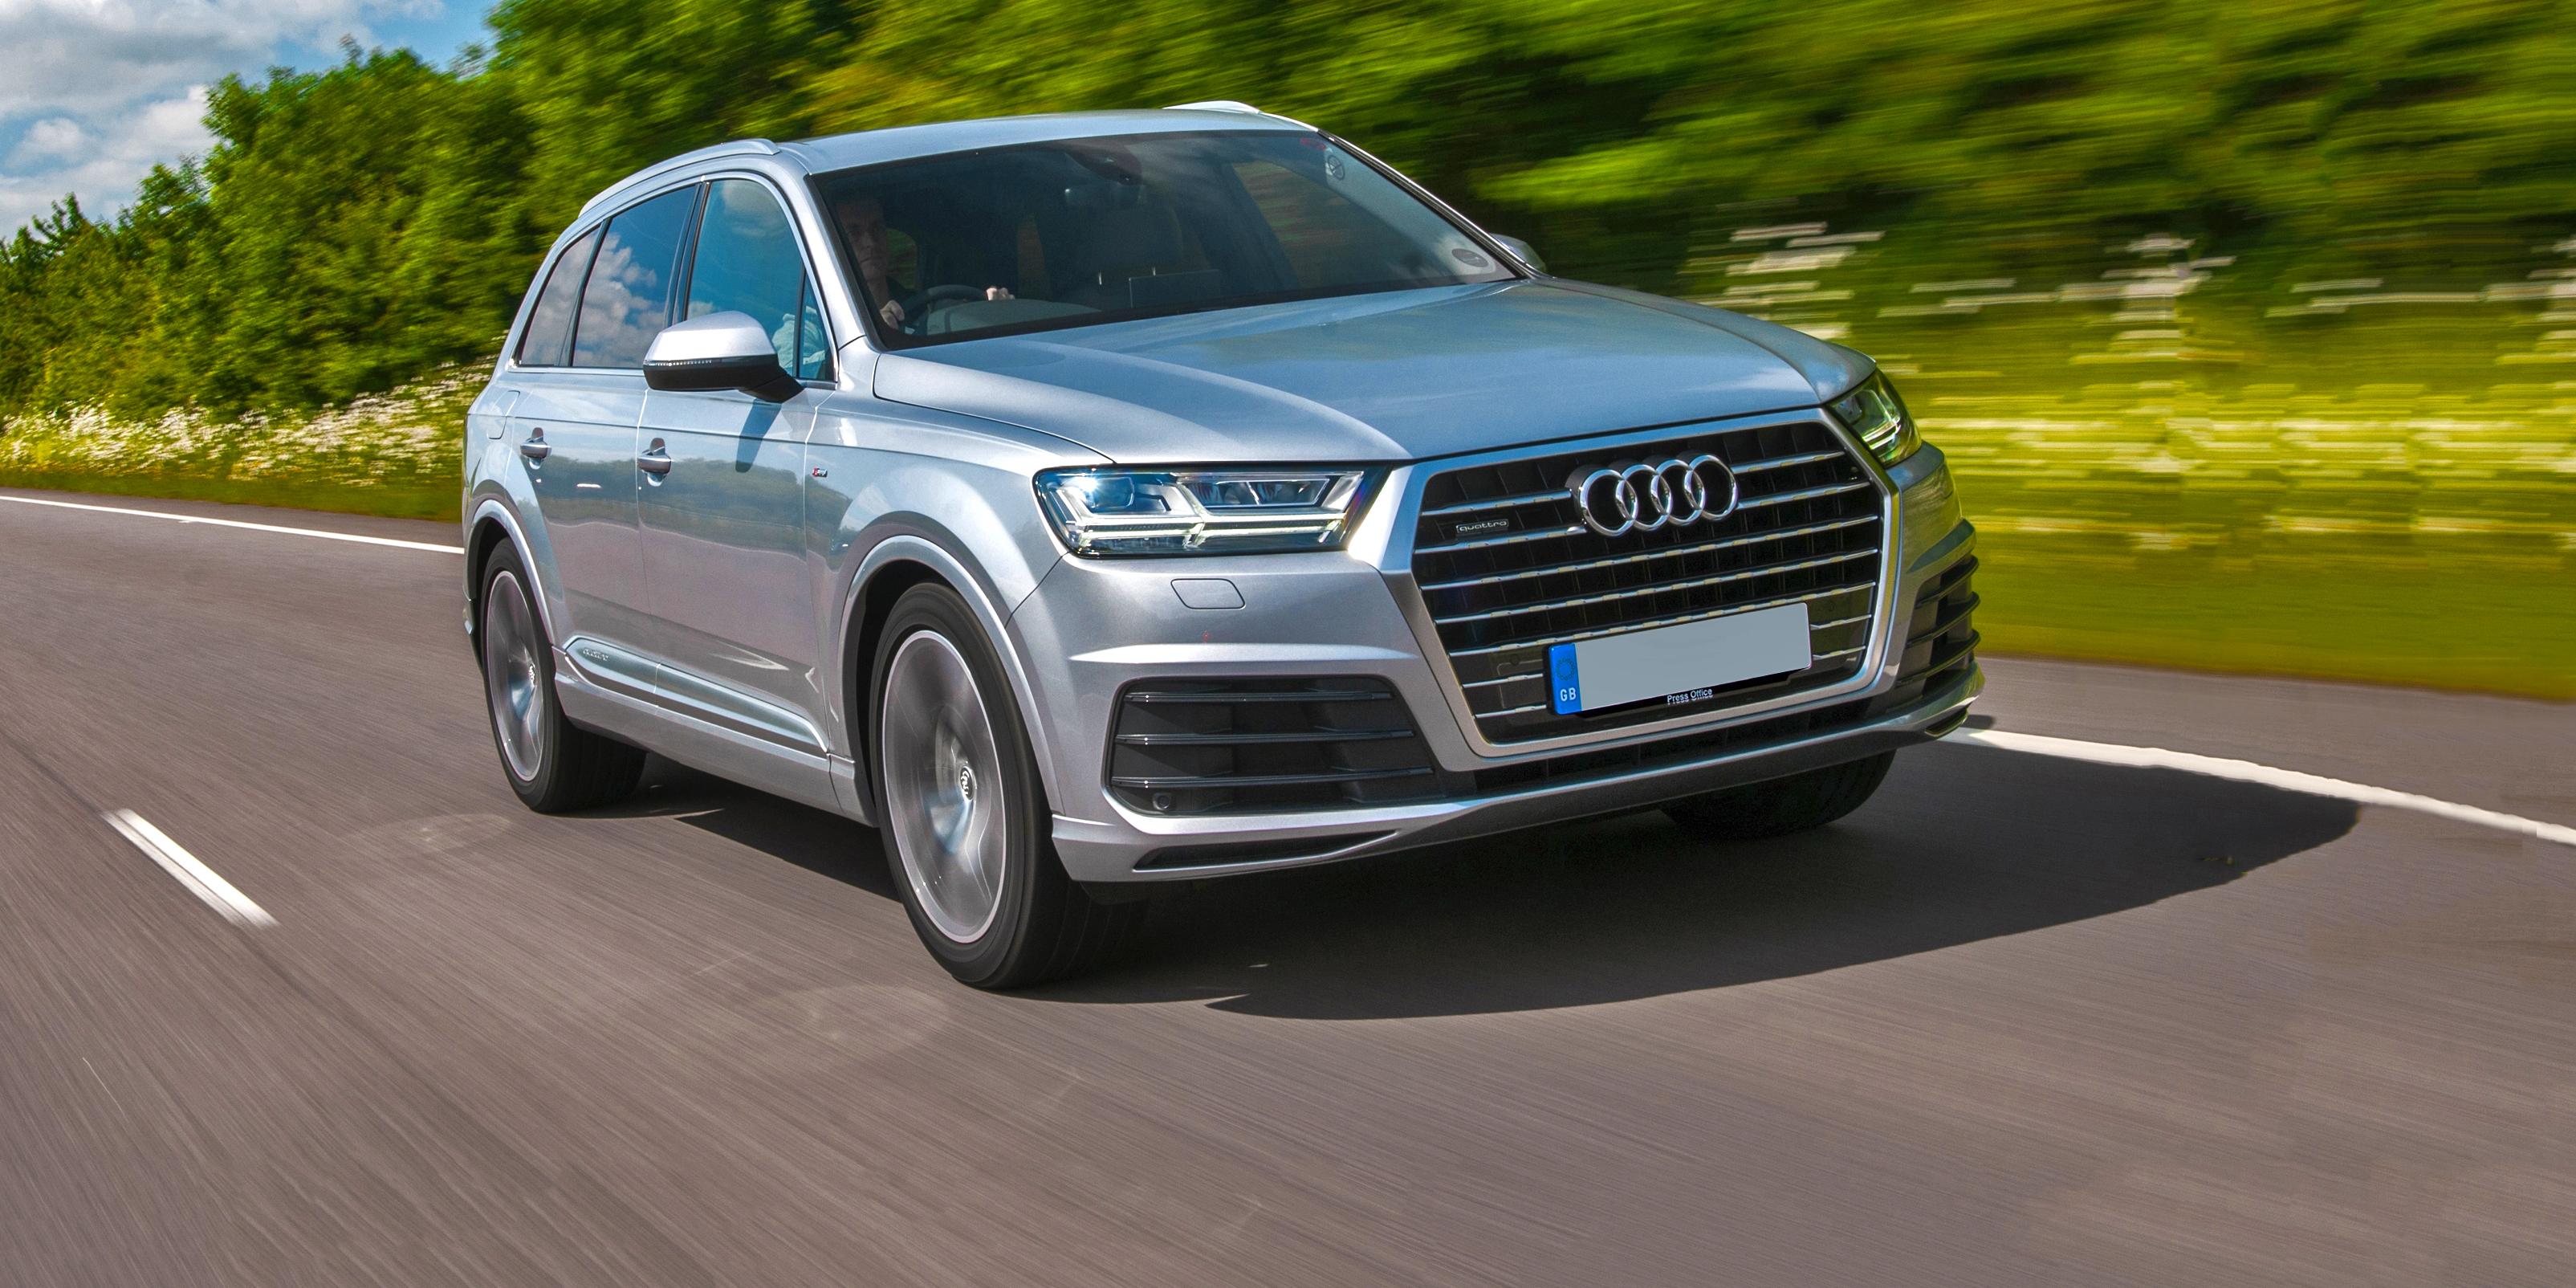 New Audi Q7 Review Carwow